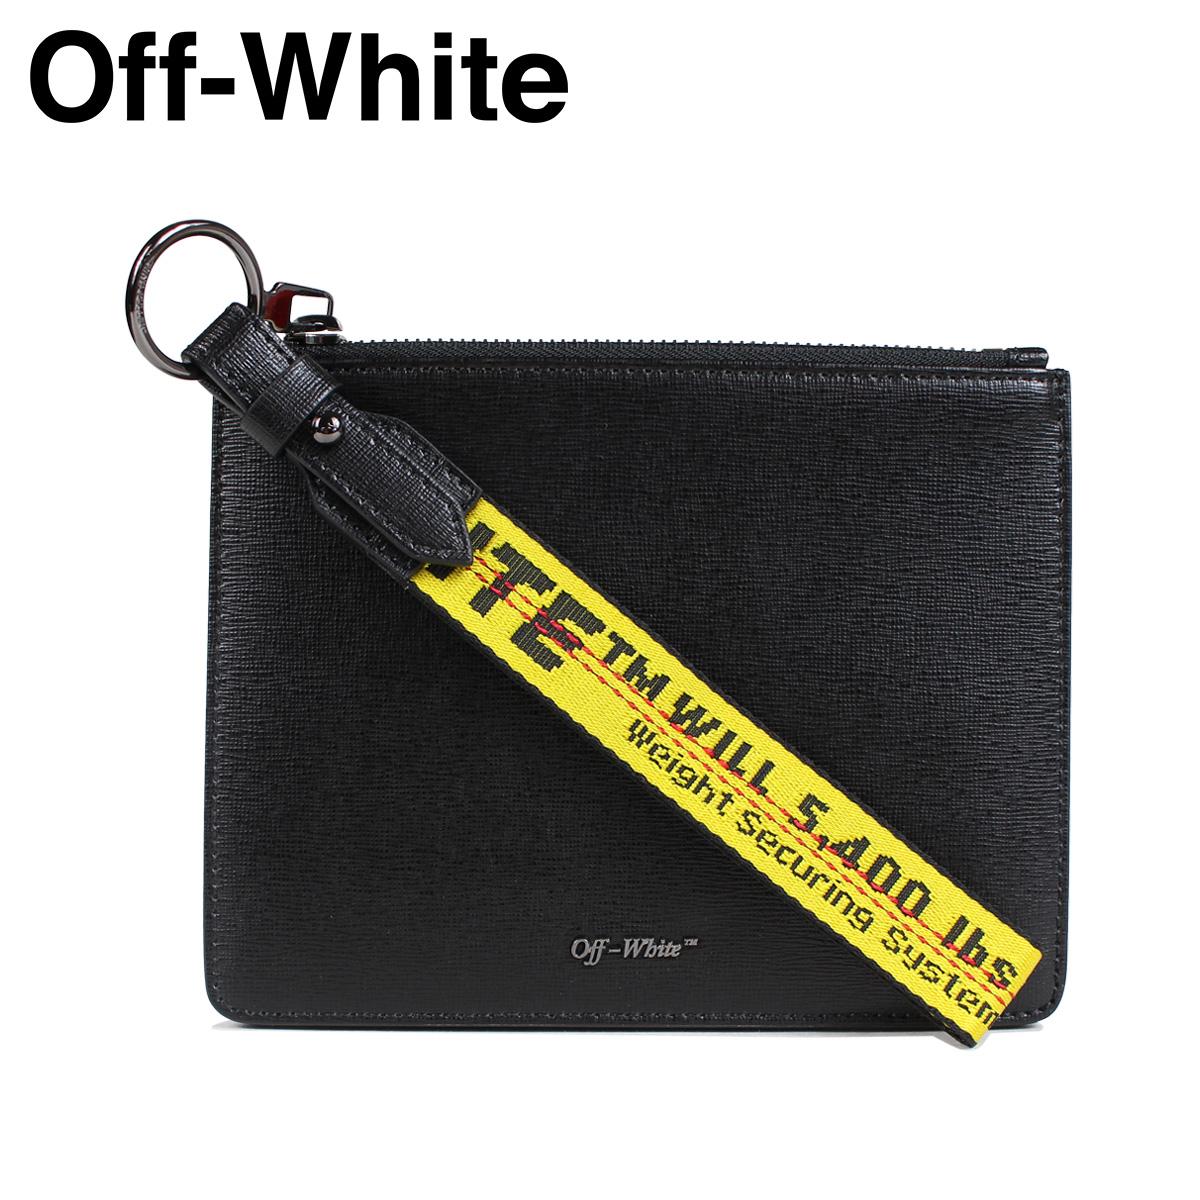 Off-white オフホワイト 小銭入れ コインケース ポーチ メンズ レディース DOUBLE FLAT POUCH ブラック OMNF001 647004